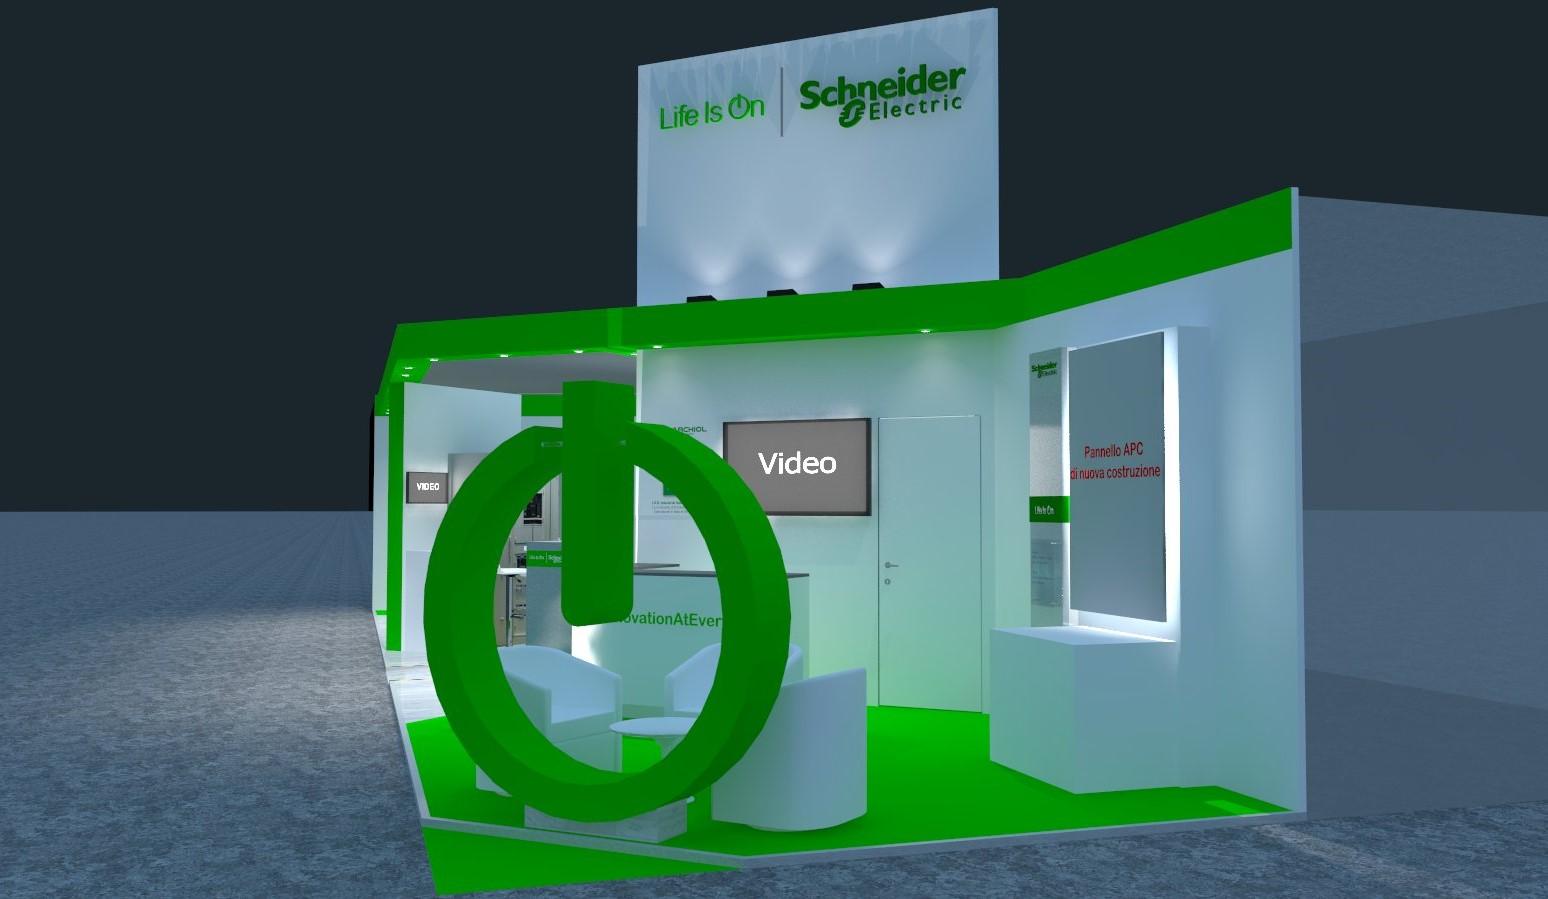 Progetto Schneider Electric Elettroexpo